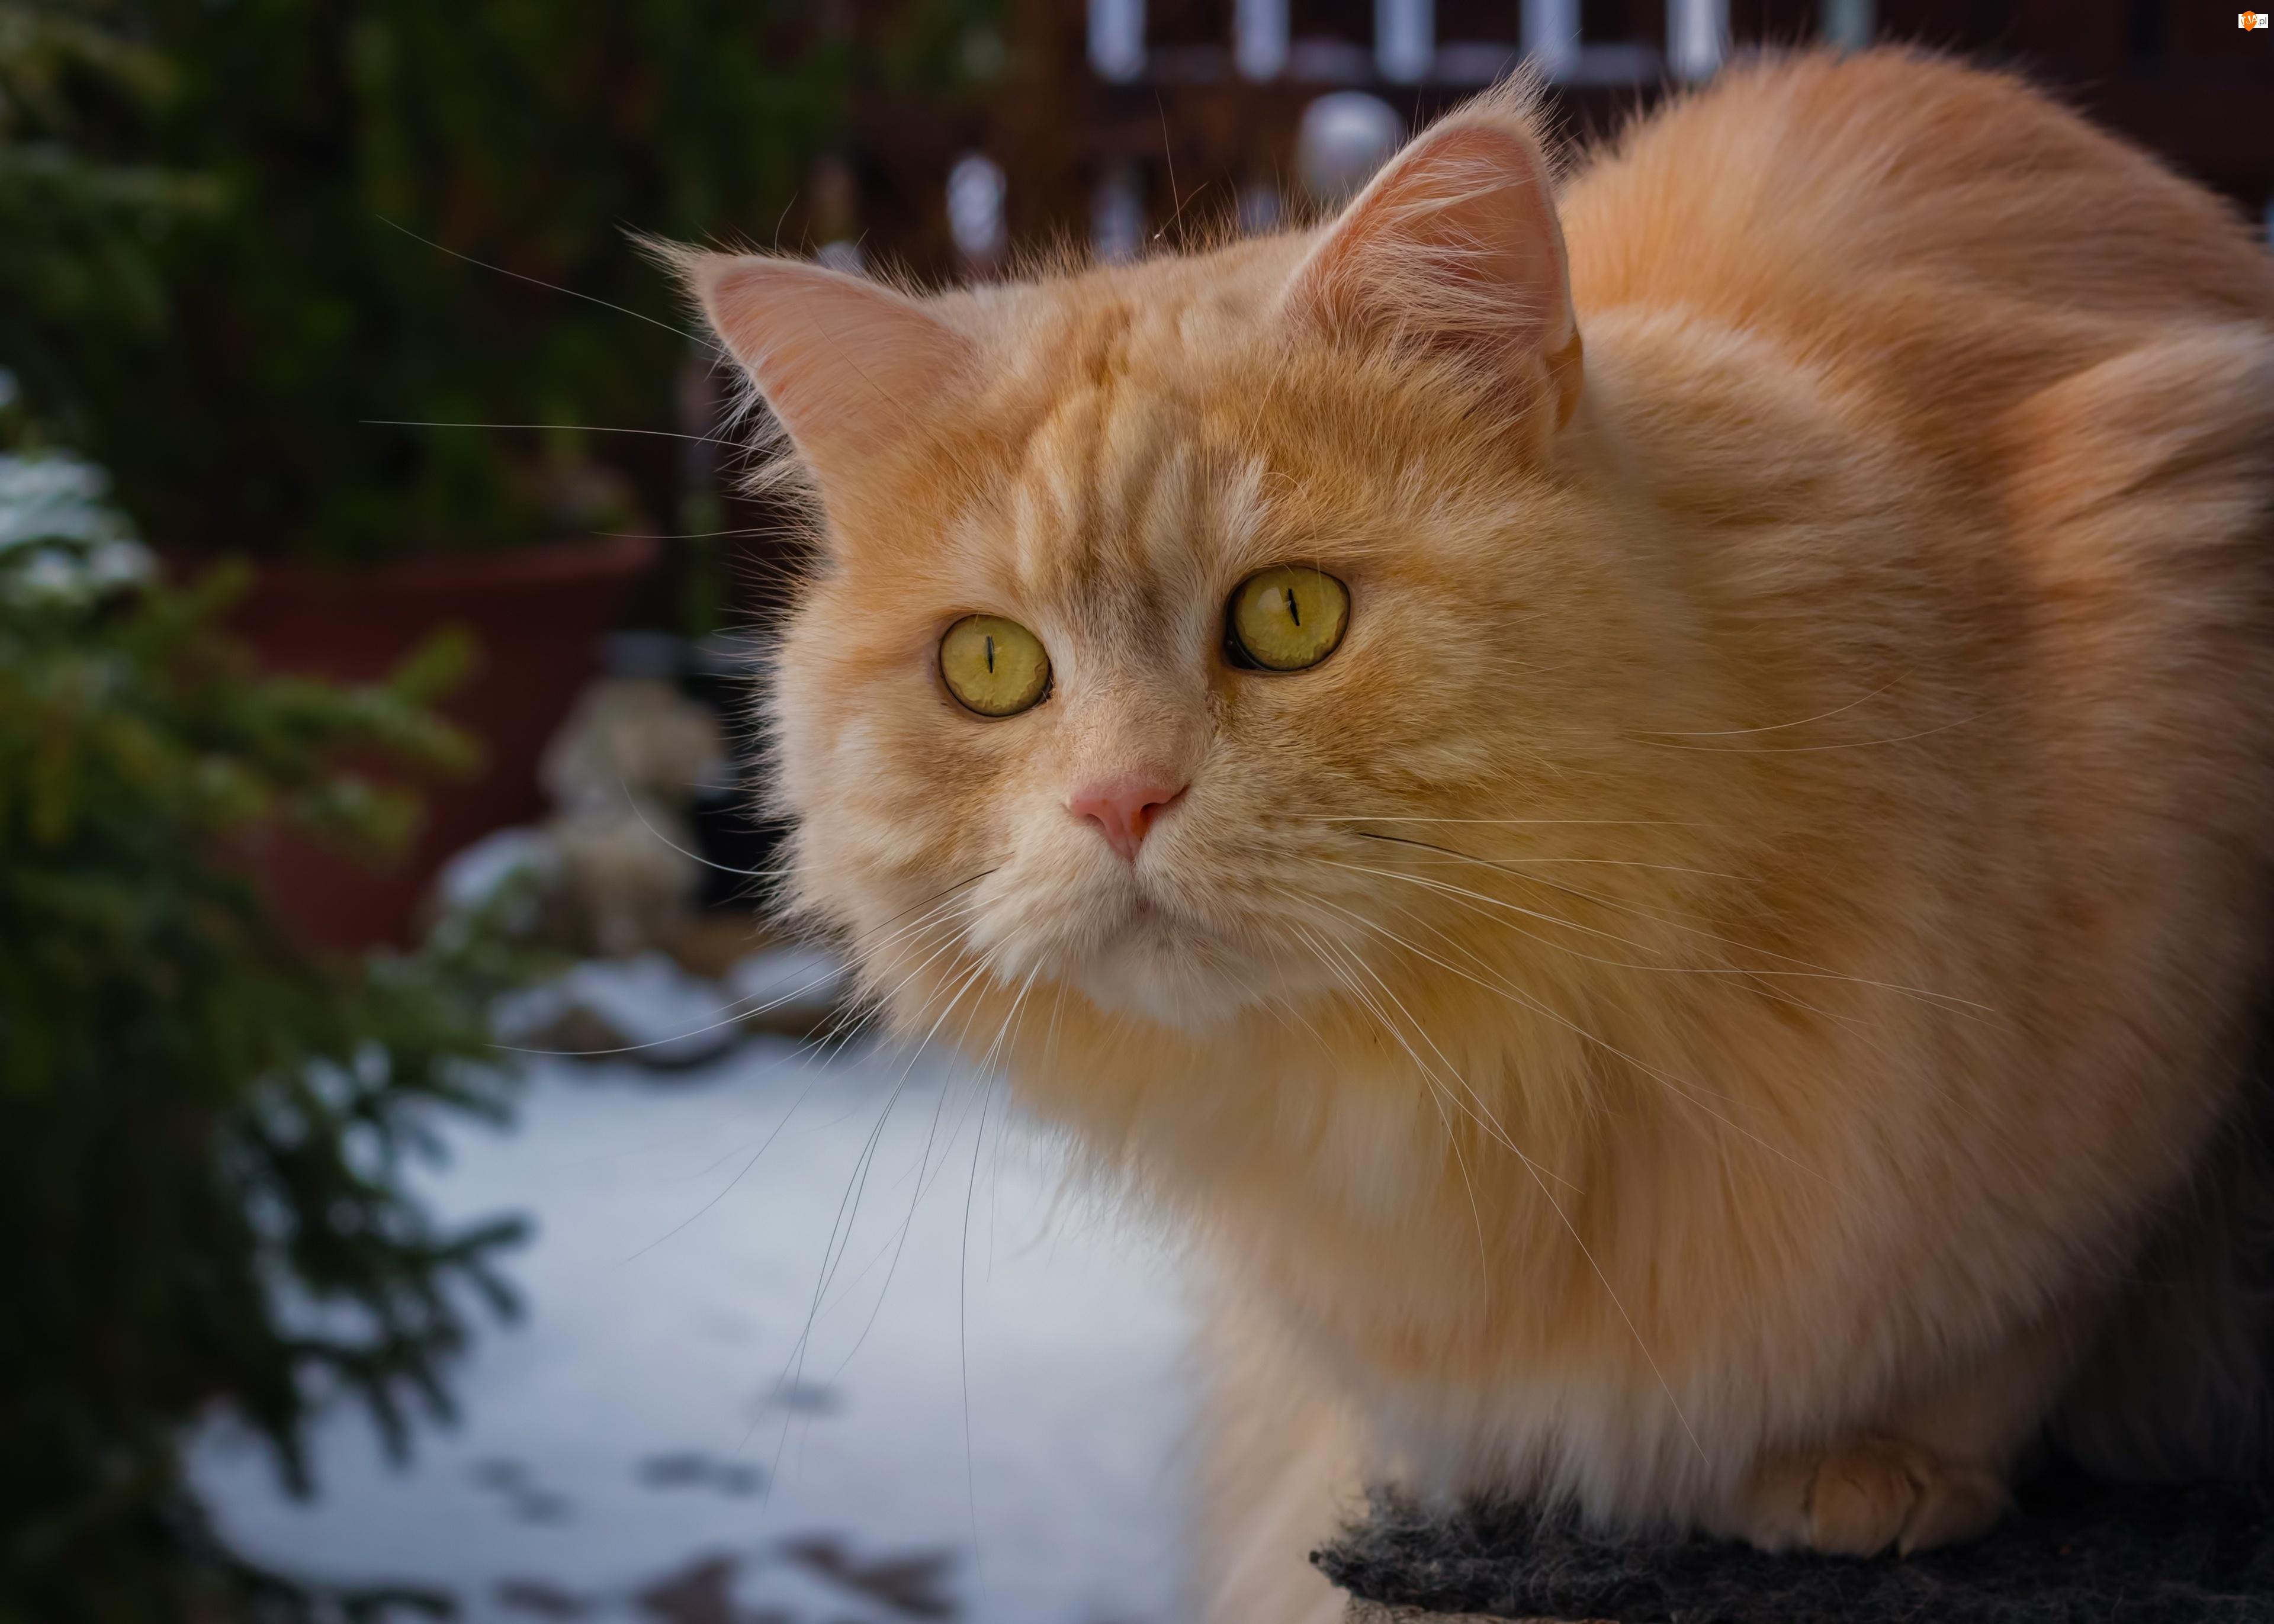 Spojrzenie, Żółtooki, Rudy, Kot